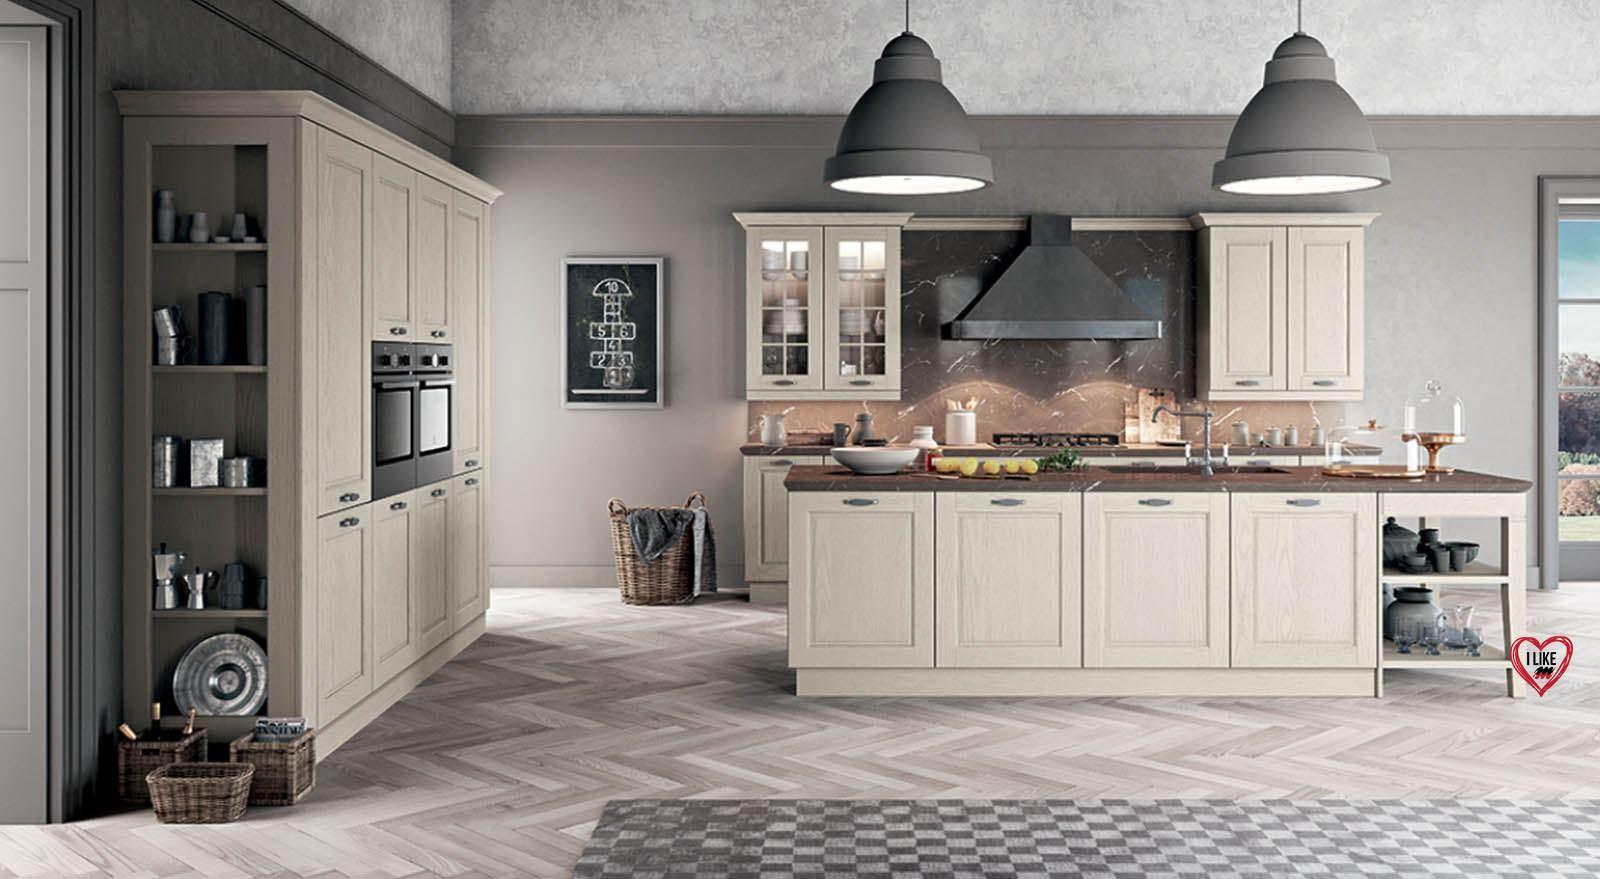 Vendita di cucine classiche a Padova, cucine eleganti e in muratura in offerta.